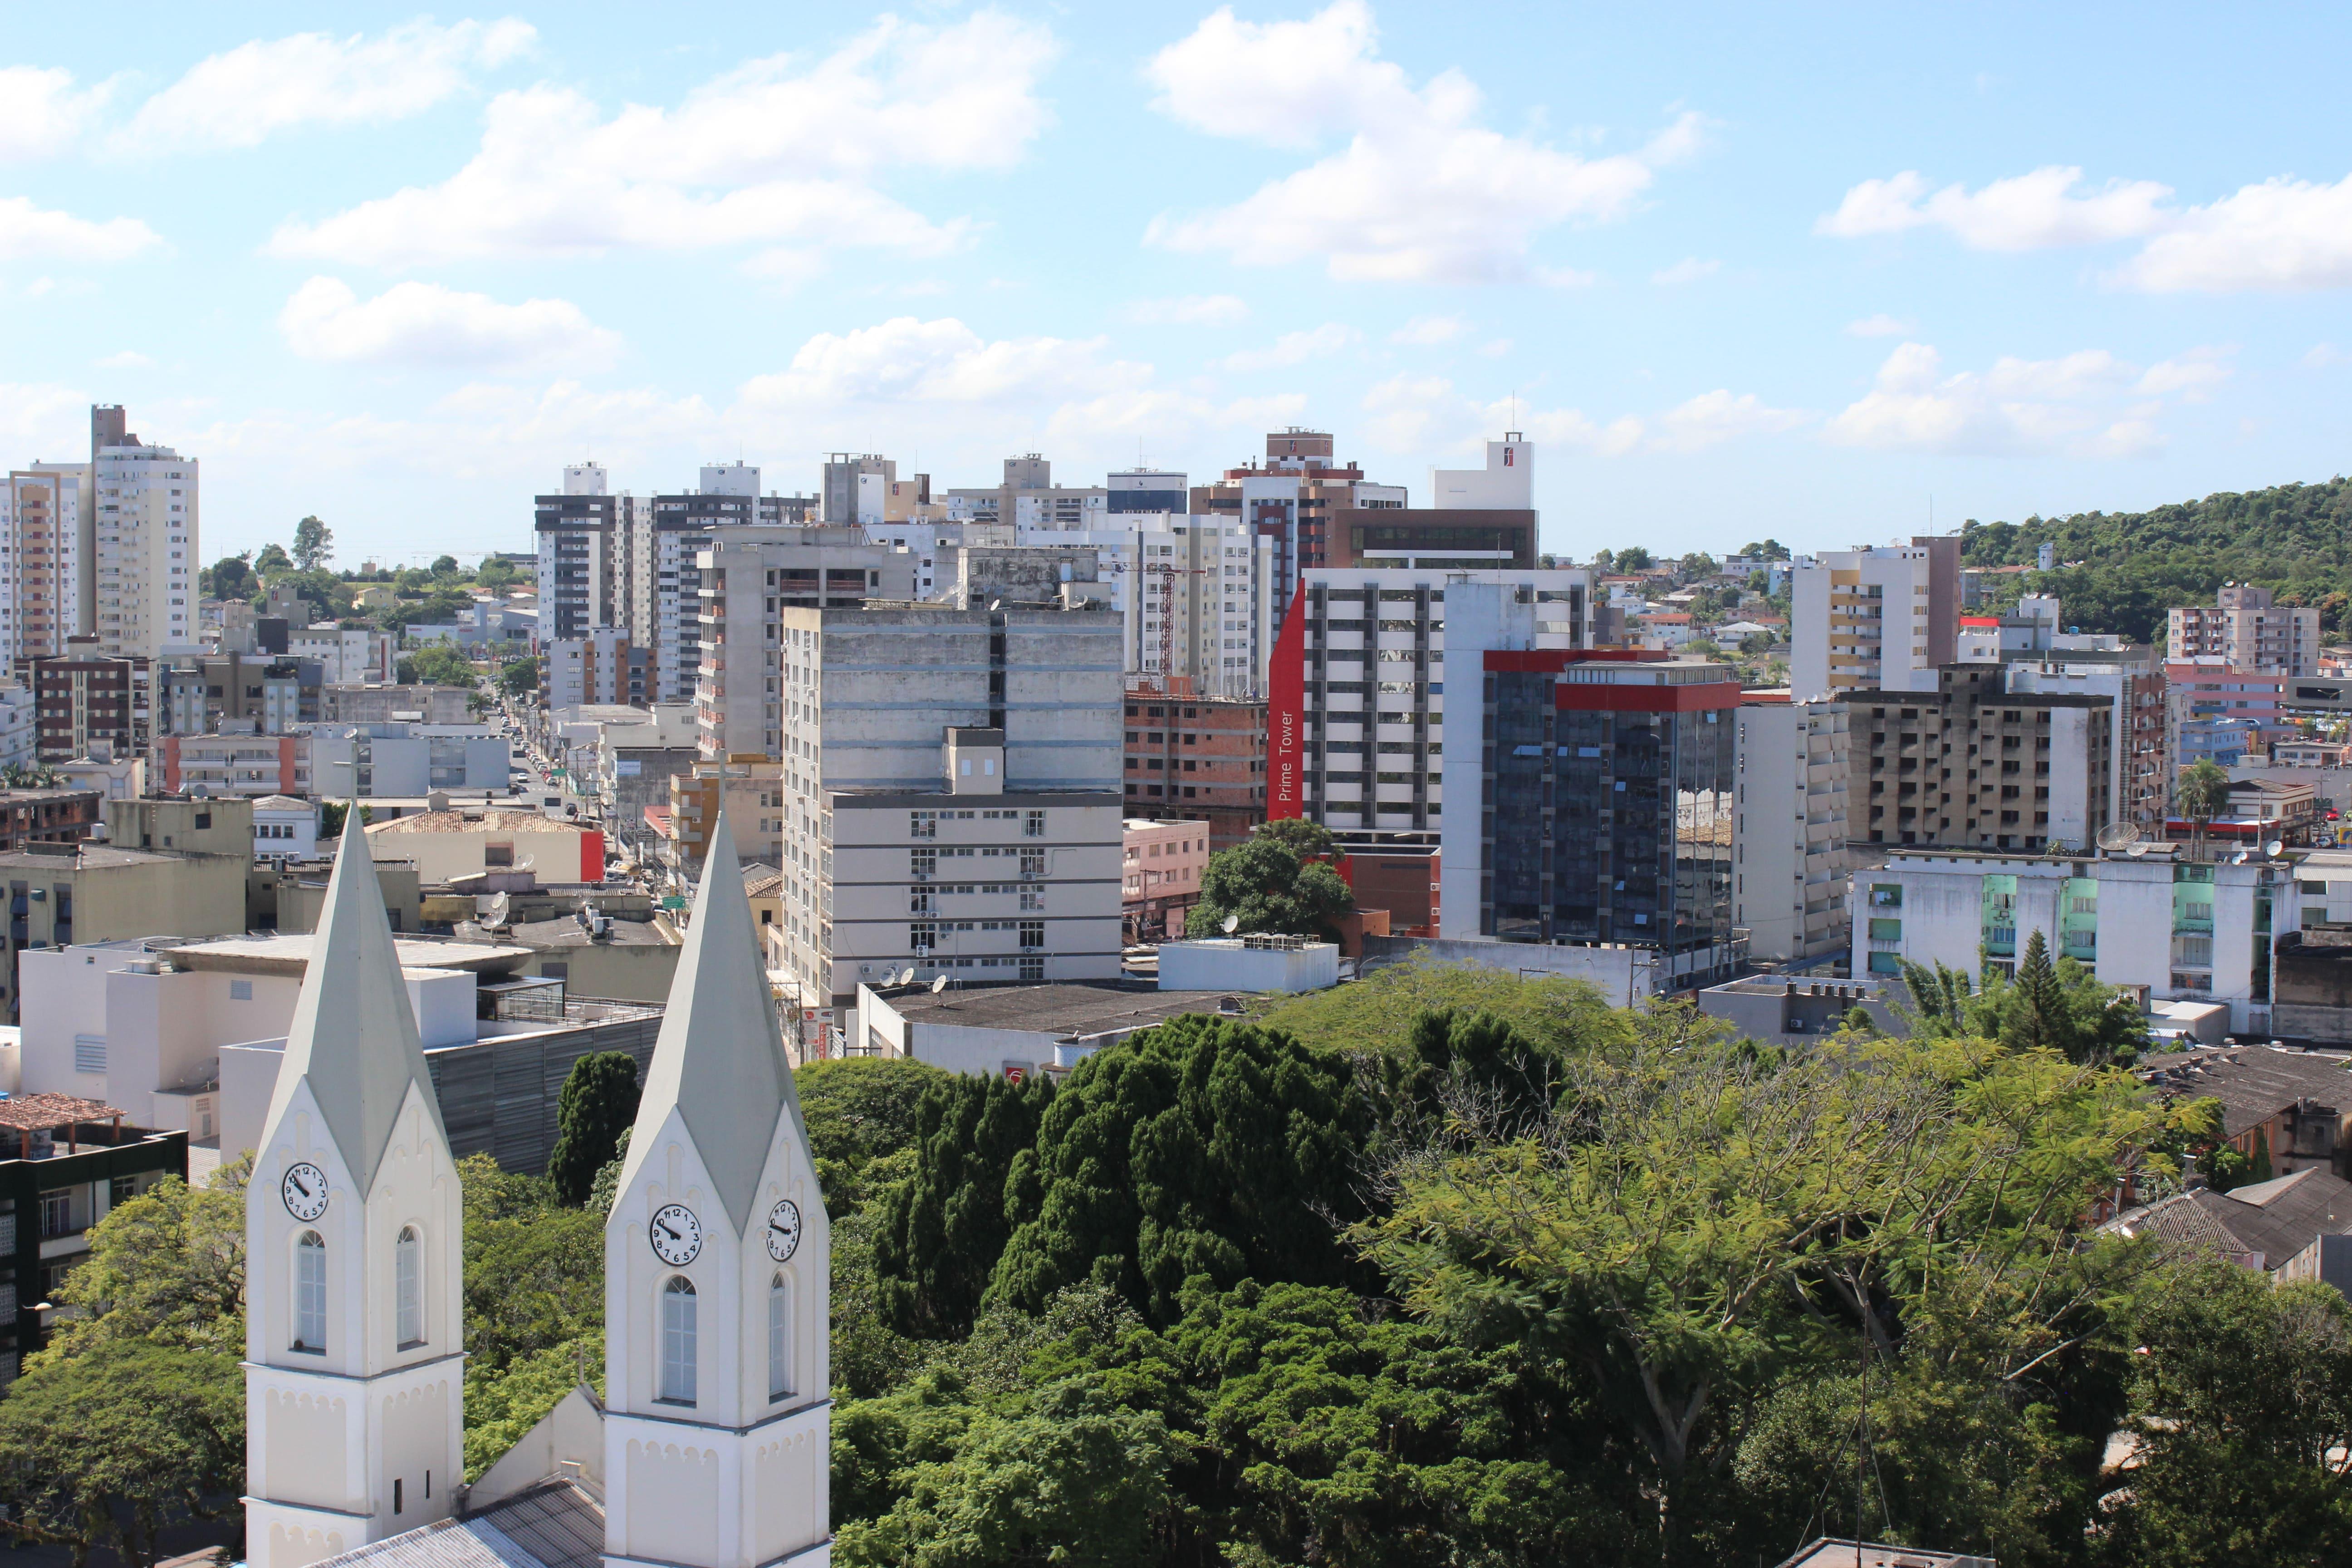 Prefeitura Municipal de Criciúma - Defesa Civil alerta para possibilidade de temporais localizados nesta quarta-feira